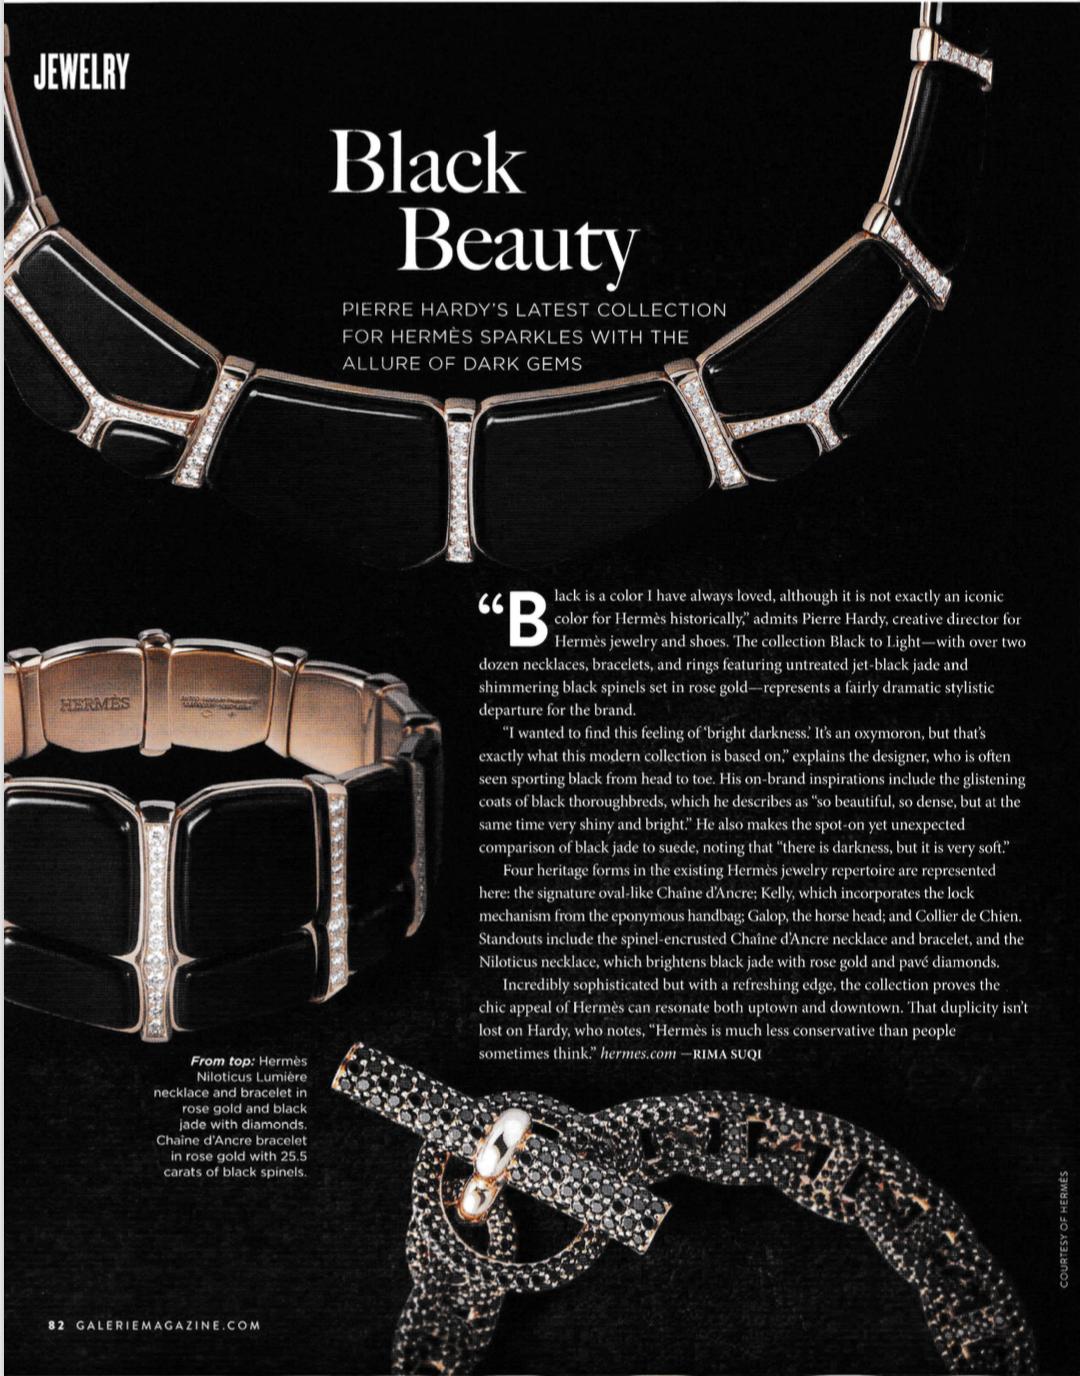 Hermes jewelry, Galerie Magazine, Rima Suqi, Pierre Hardy